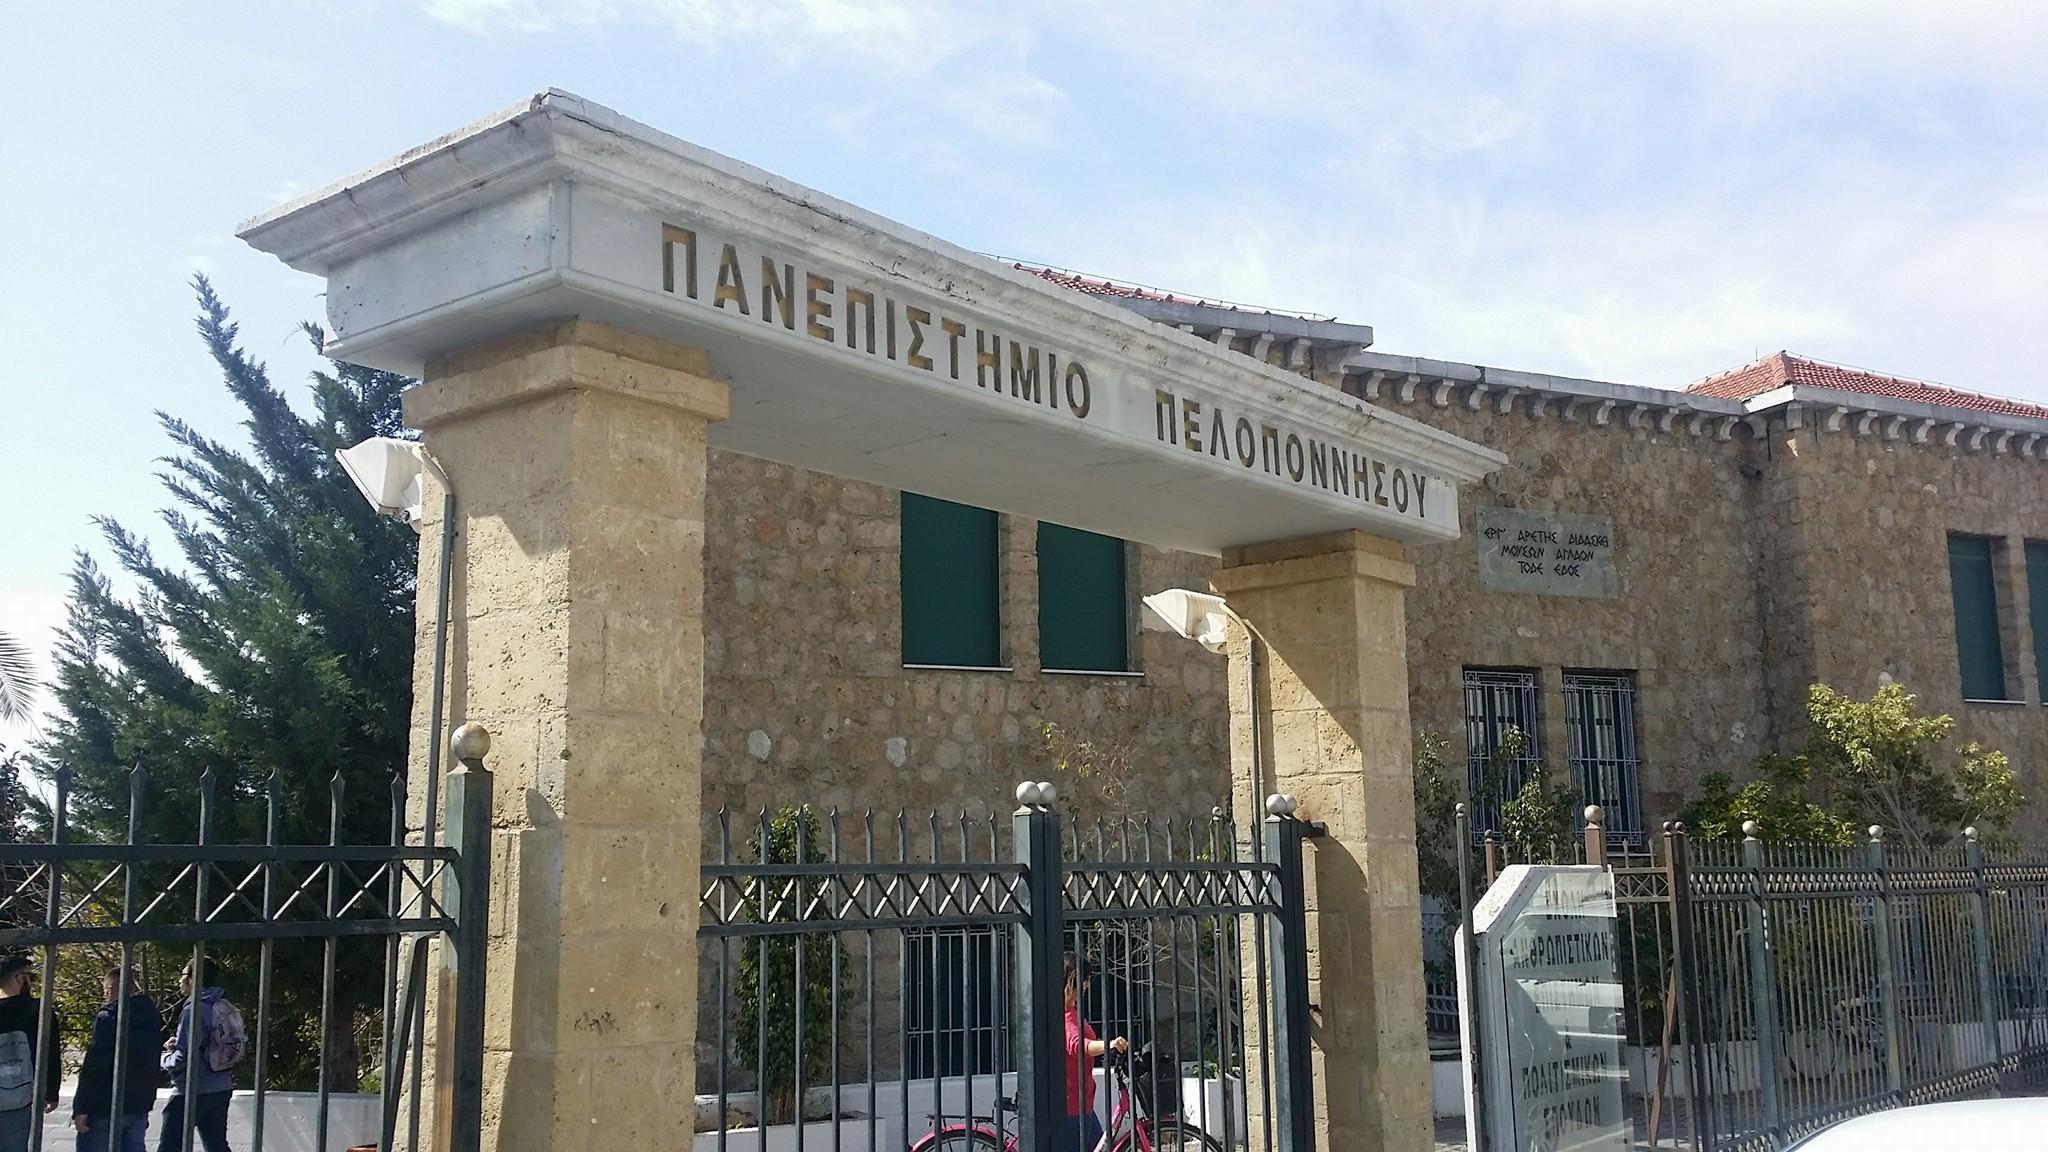 Ορκωμοσίες πτυχιούχων σήμερα στο Πανεπιστήμιο Πελοποννήσου